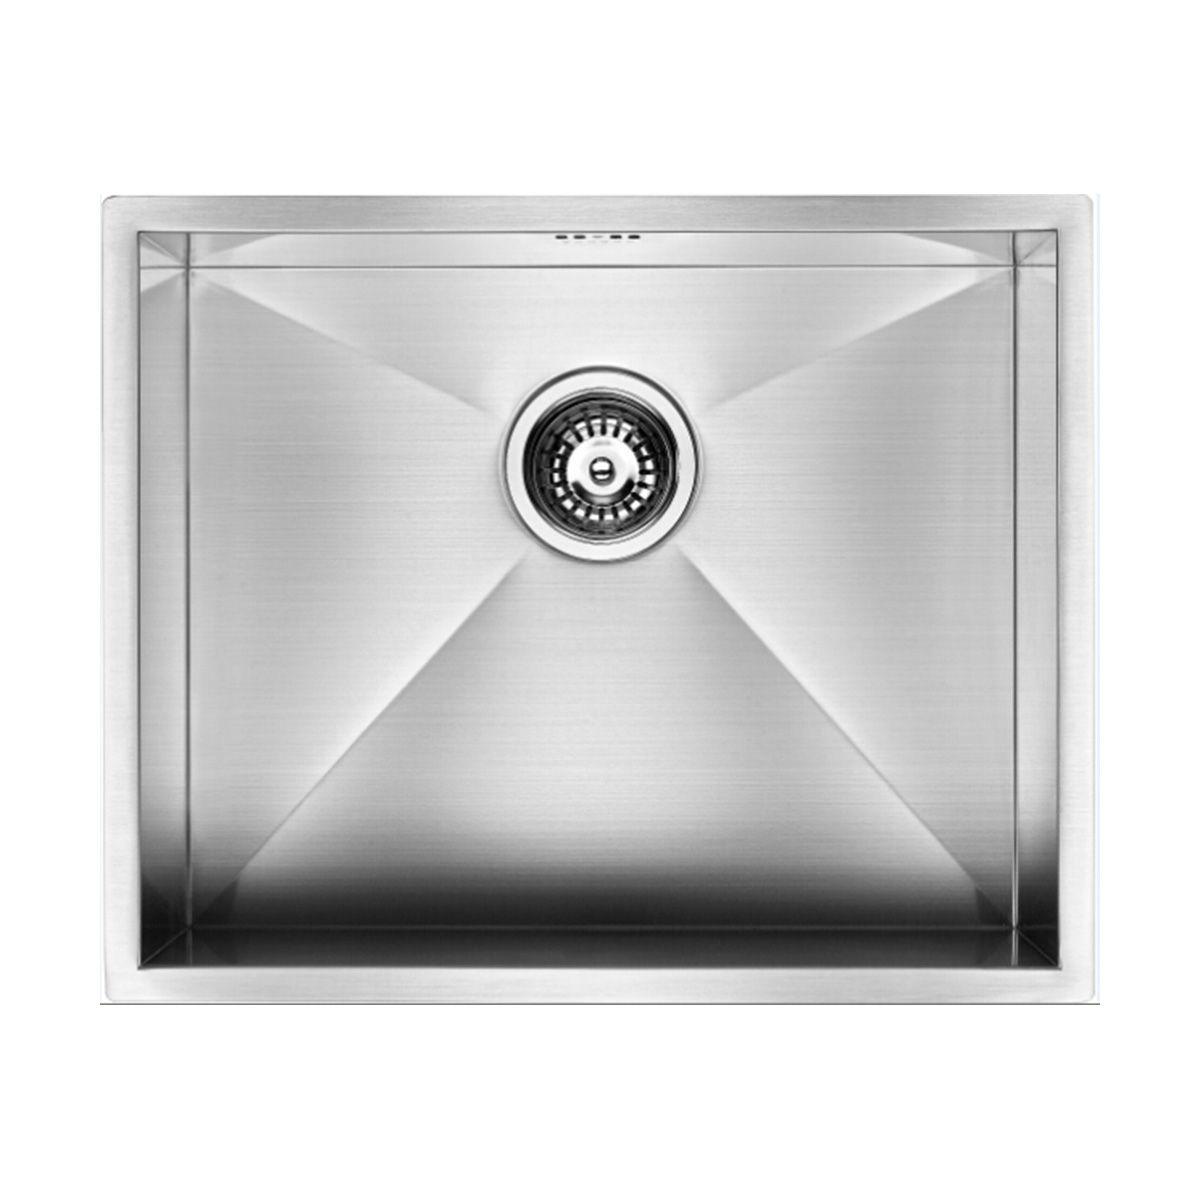 1810 Company ZENUNO 500U DEEP Kitchen Sink - Sinks-Taps.com